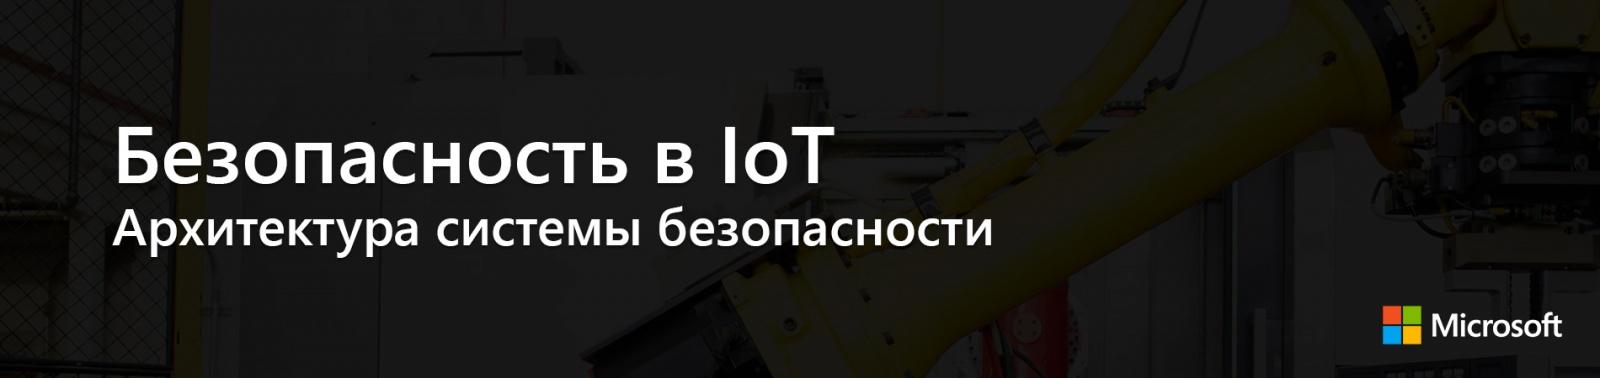 Безопасность в IoT: Архитектура системы безопасности - 1